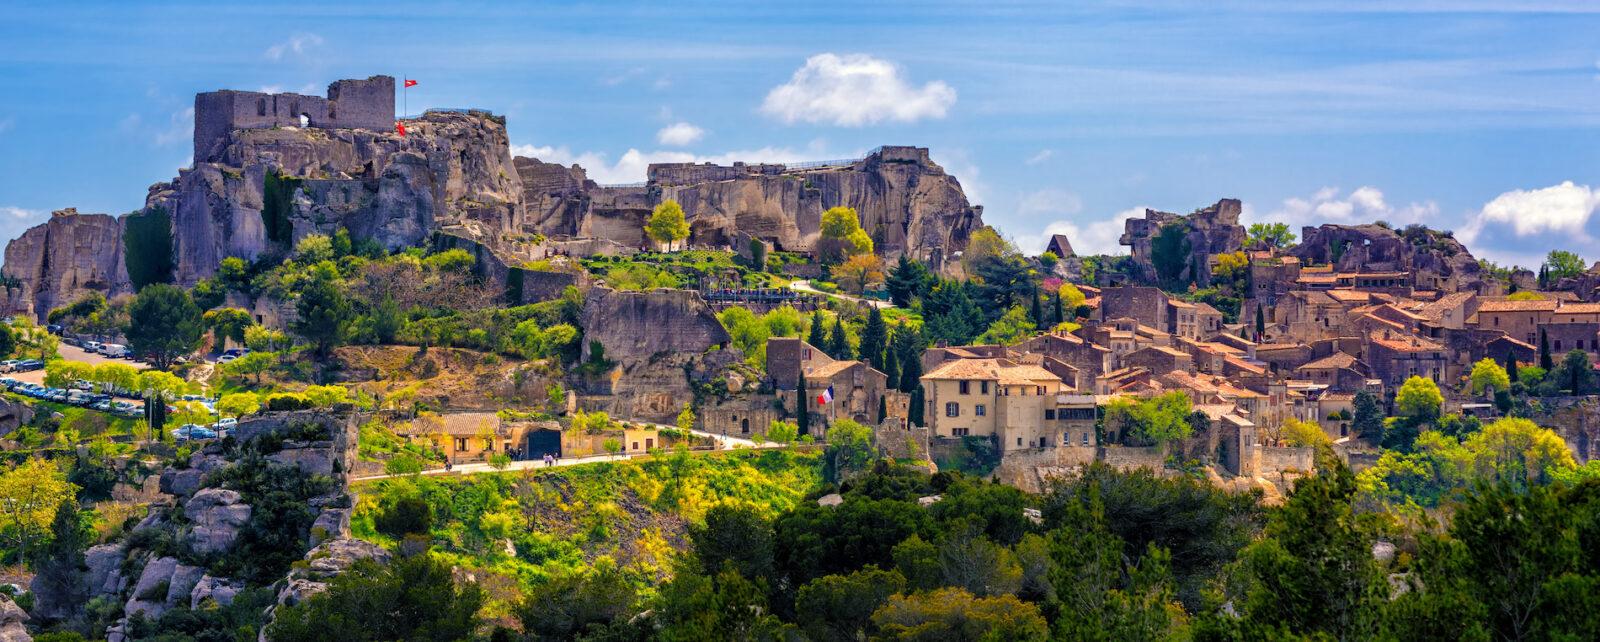 baux-de-provence - Visiter Les Baux-de-Provence : le guide pratique - 2021 - 1